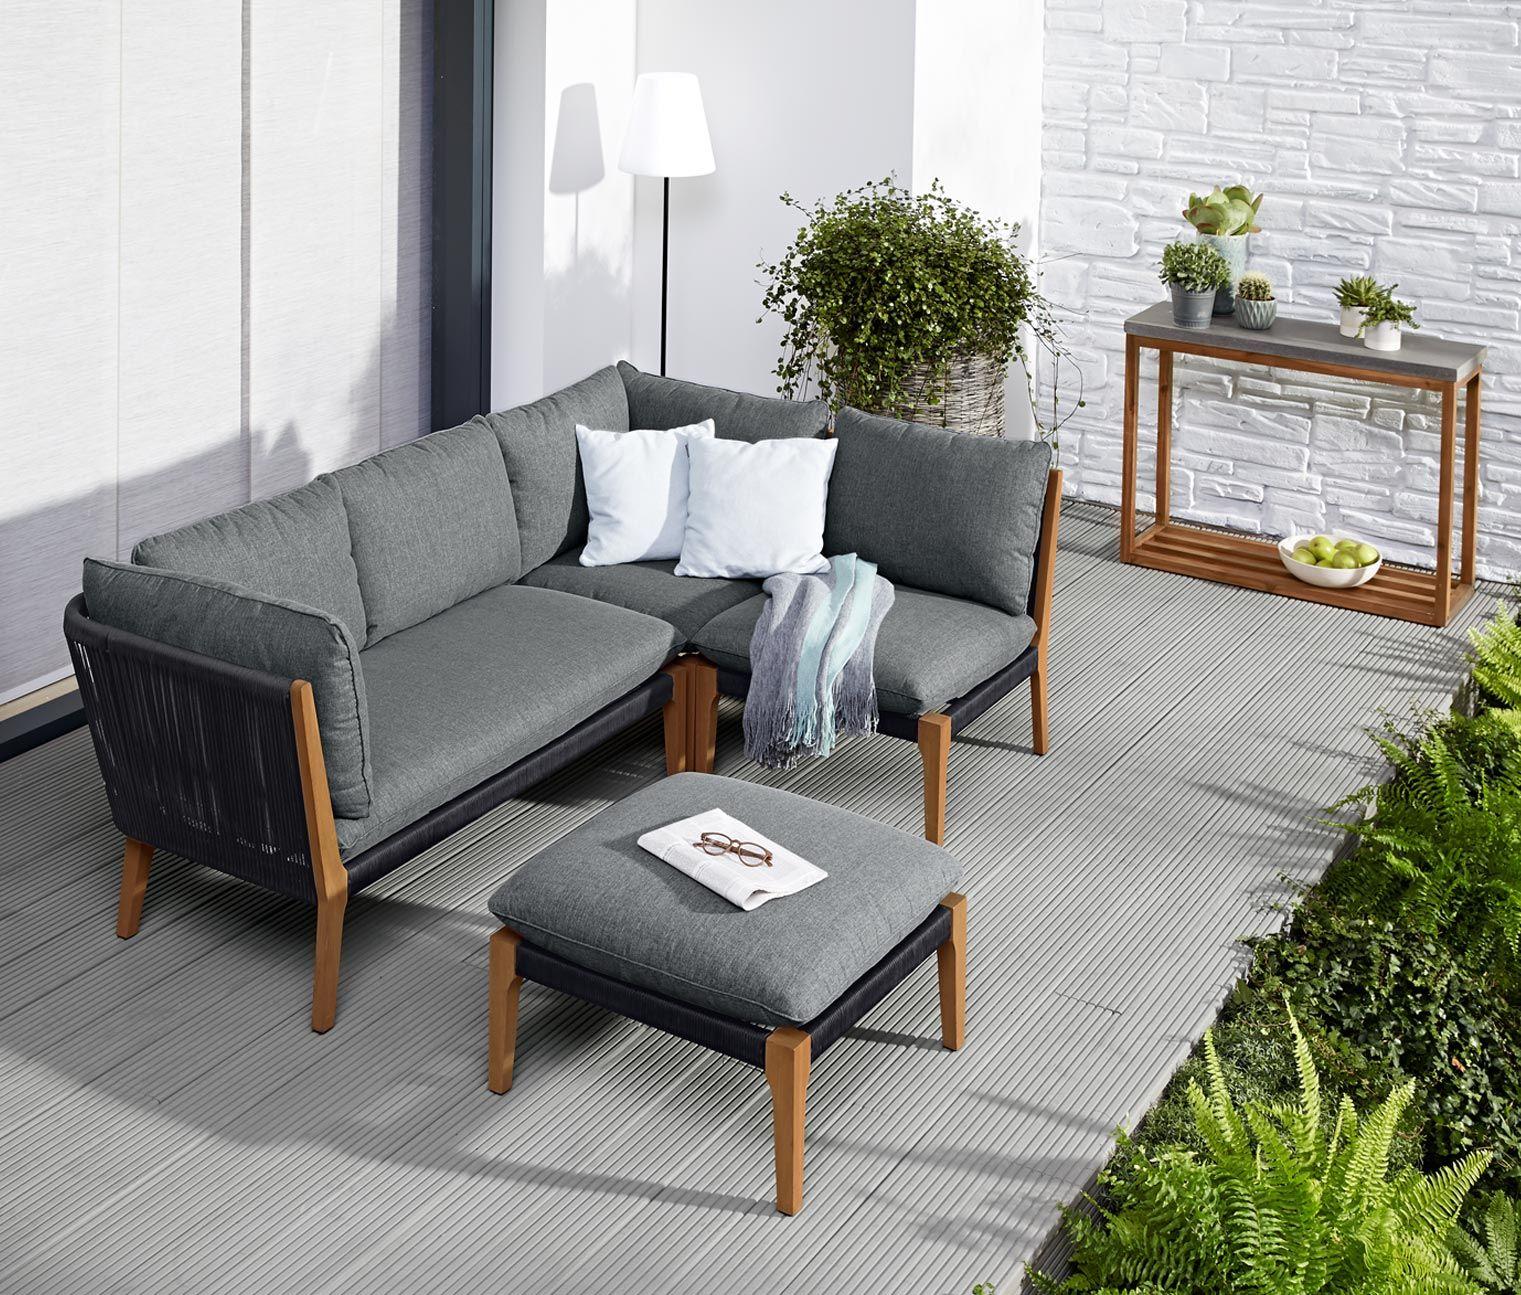 Loungemobel Mittelteil Online Bestellen Bei Tchibo 355721 Lounge Mobel Lounge Mobel Terasse Lounge Mobel Balkon